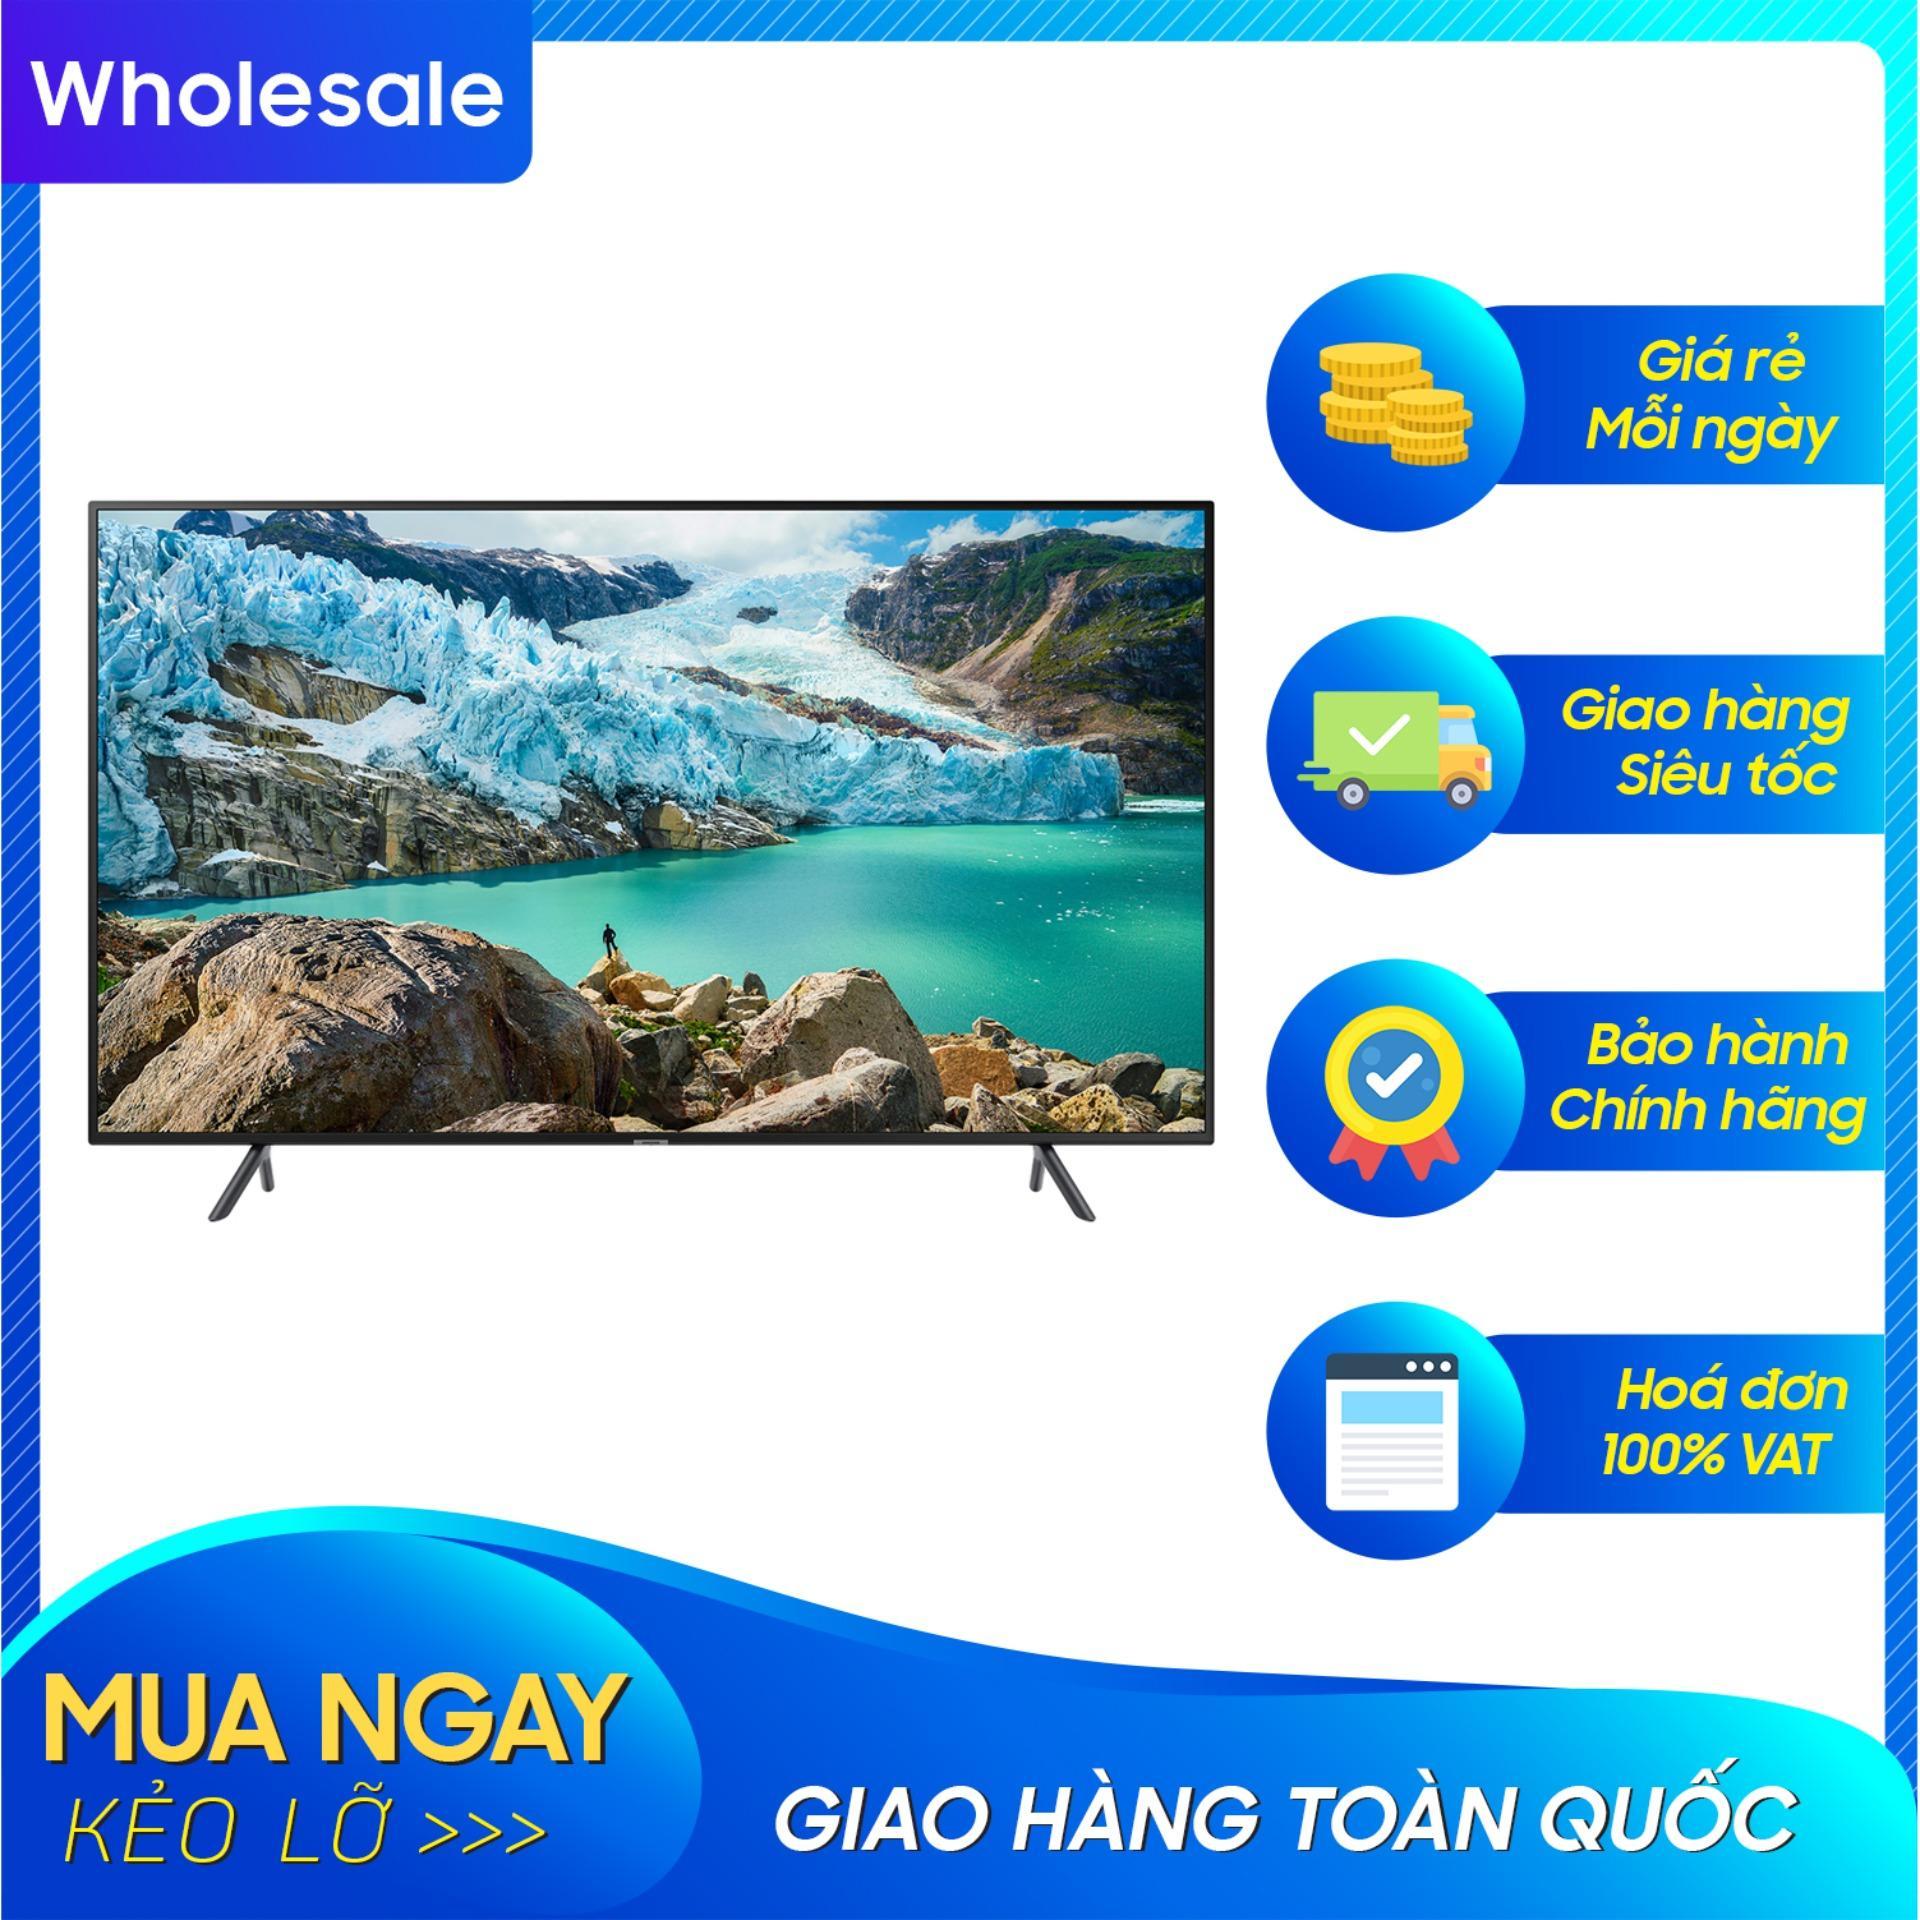 Bảng giá Smart TV Samsung 4K UHD 58 inch - Model UA58RU7100 (2019) - Công nghệ hình ảnh HDR, UHD Dimming, Purcolour + Điều khiển tivi bằng điện thoại